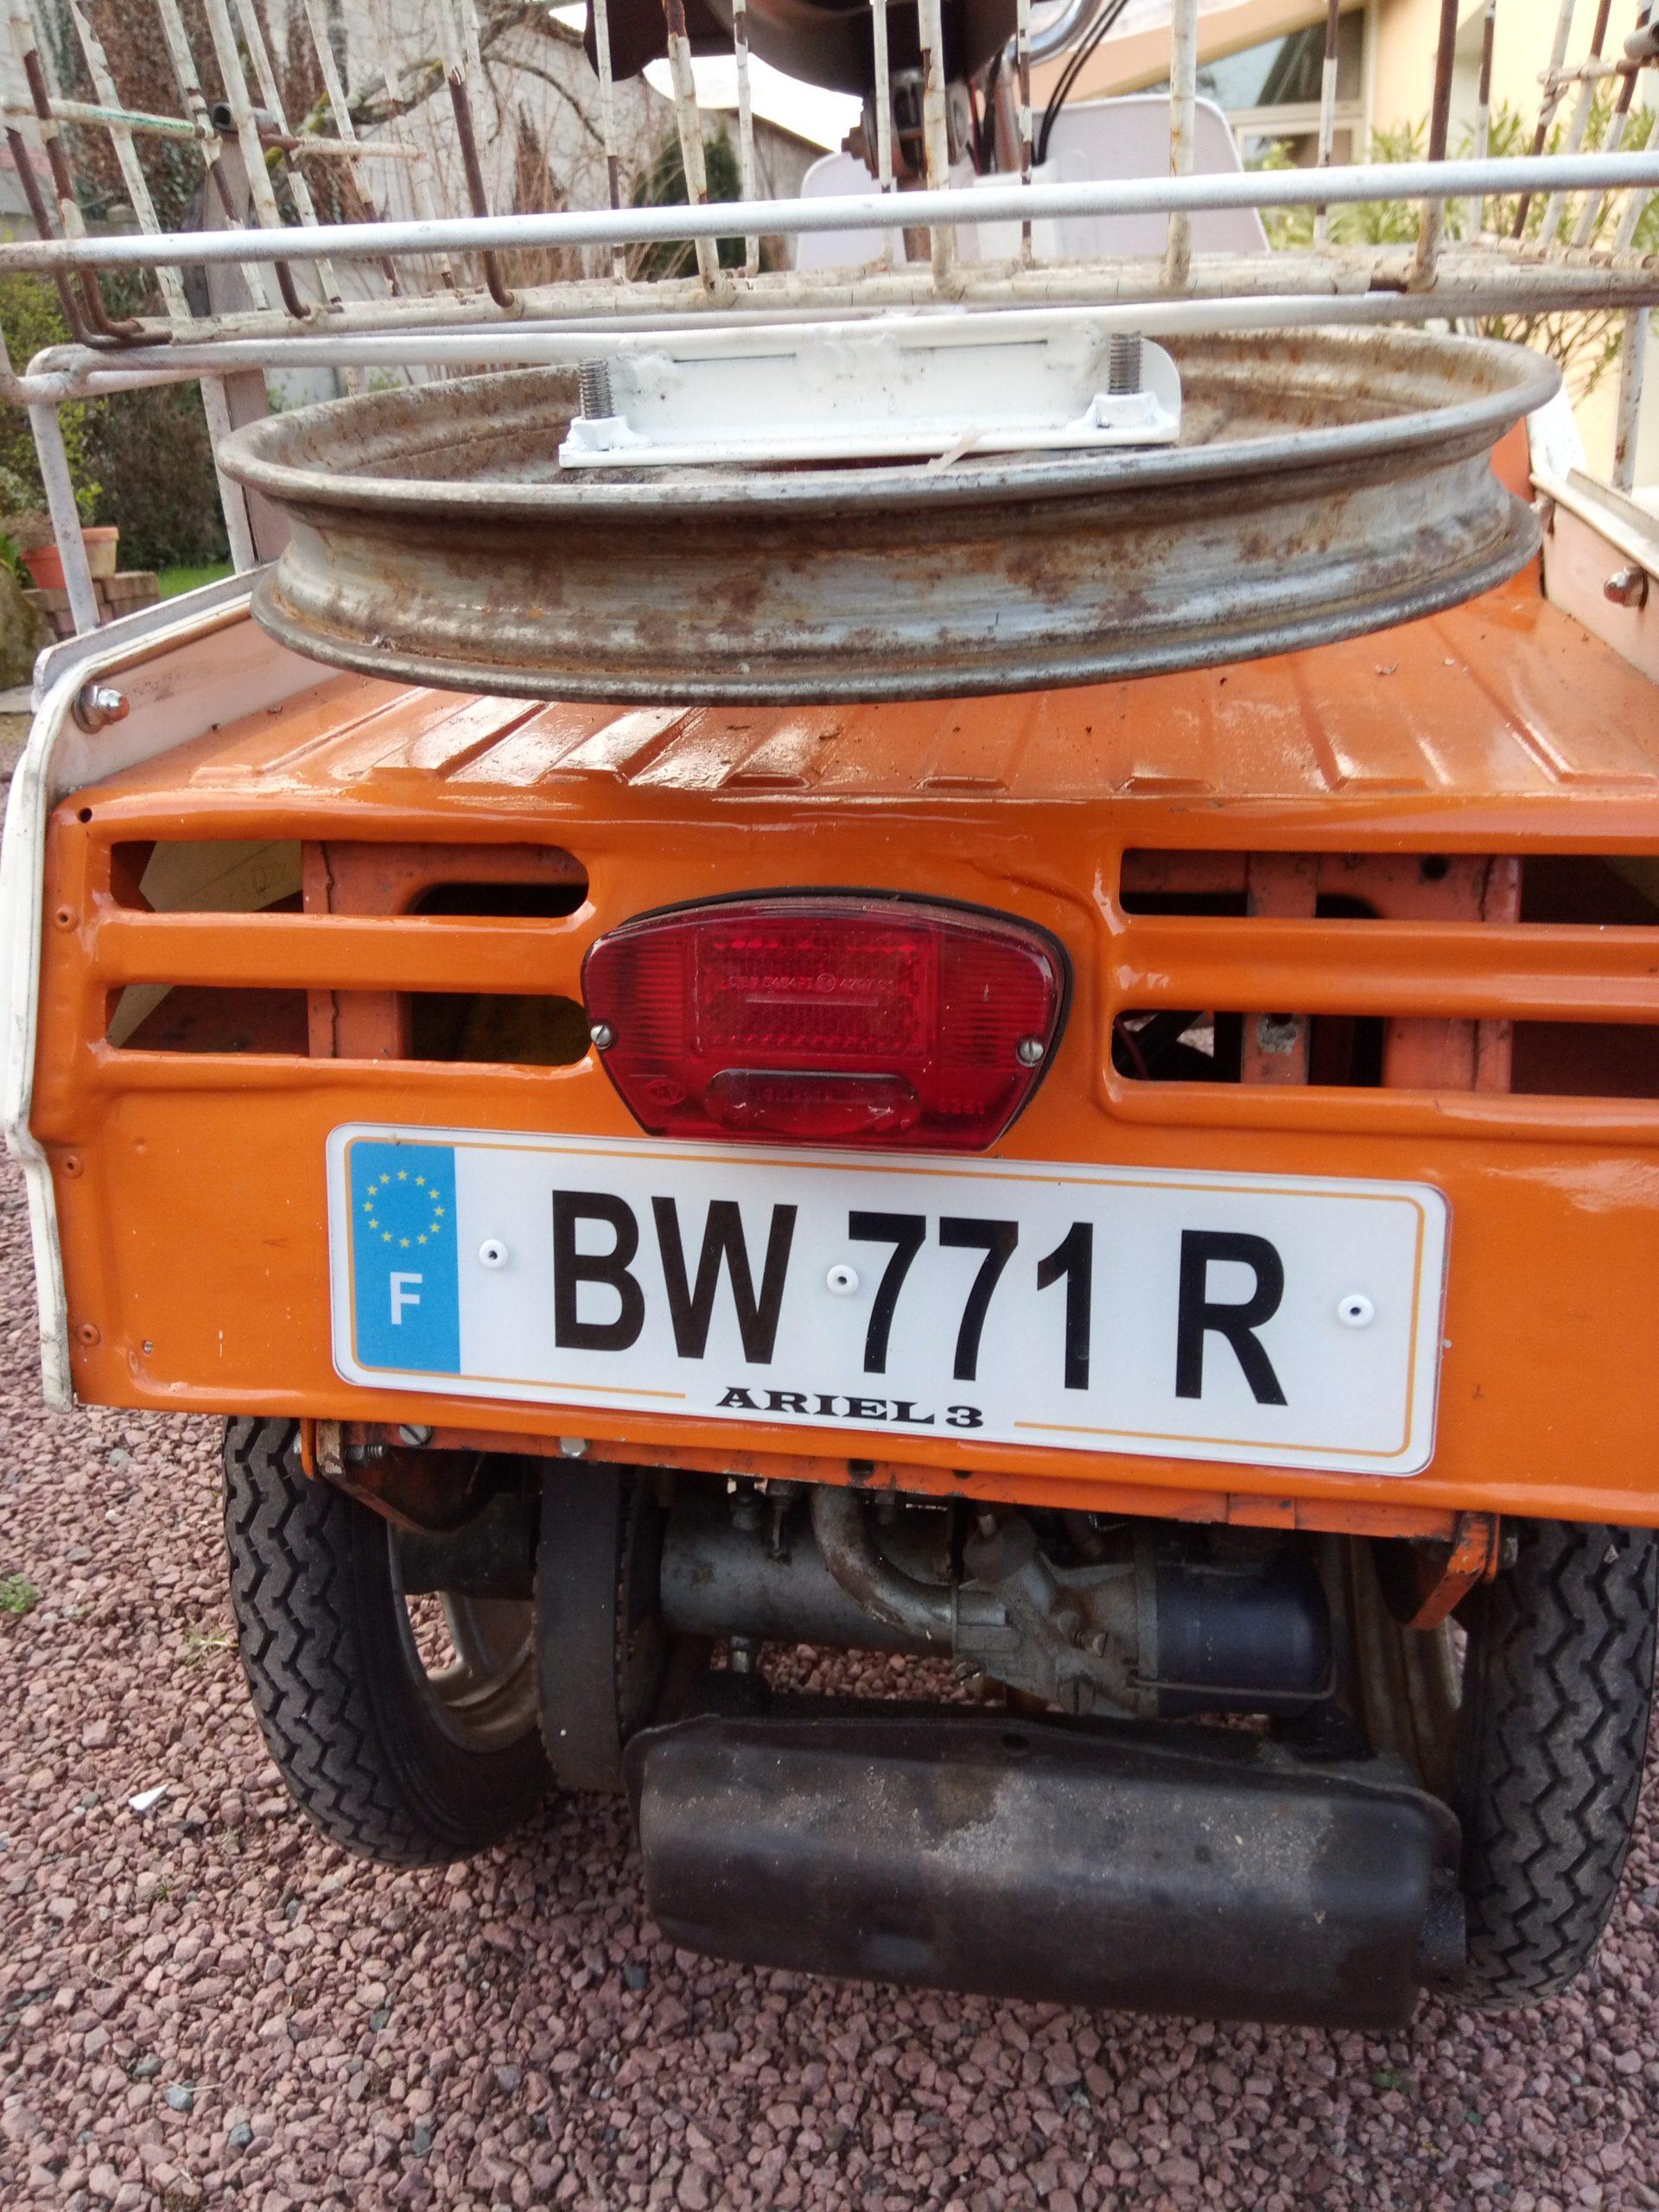 BW 711 R